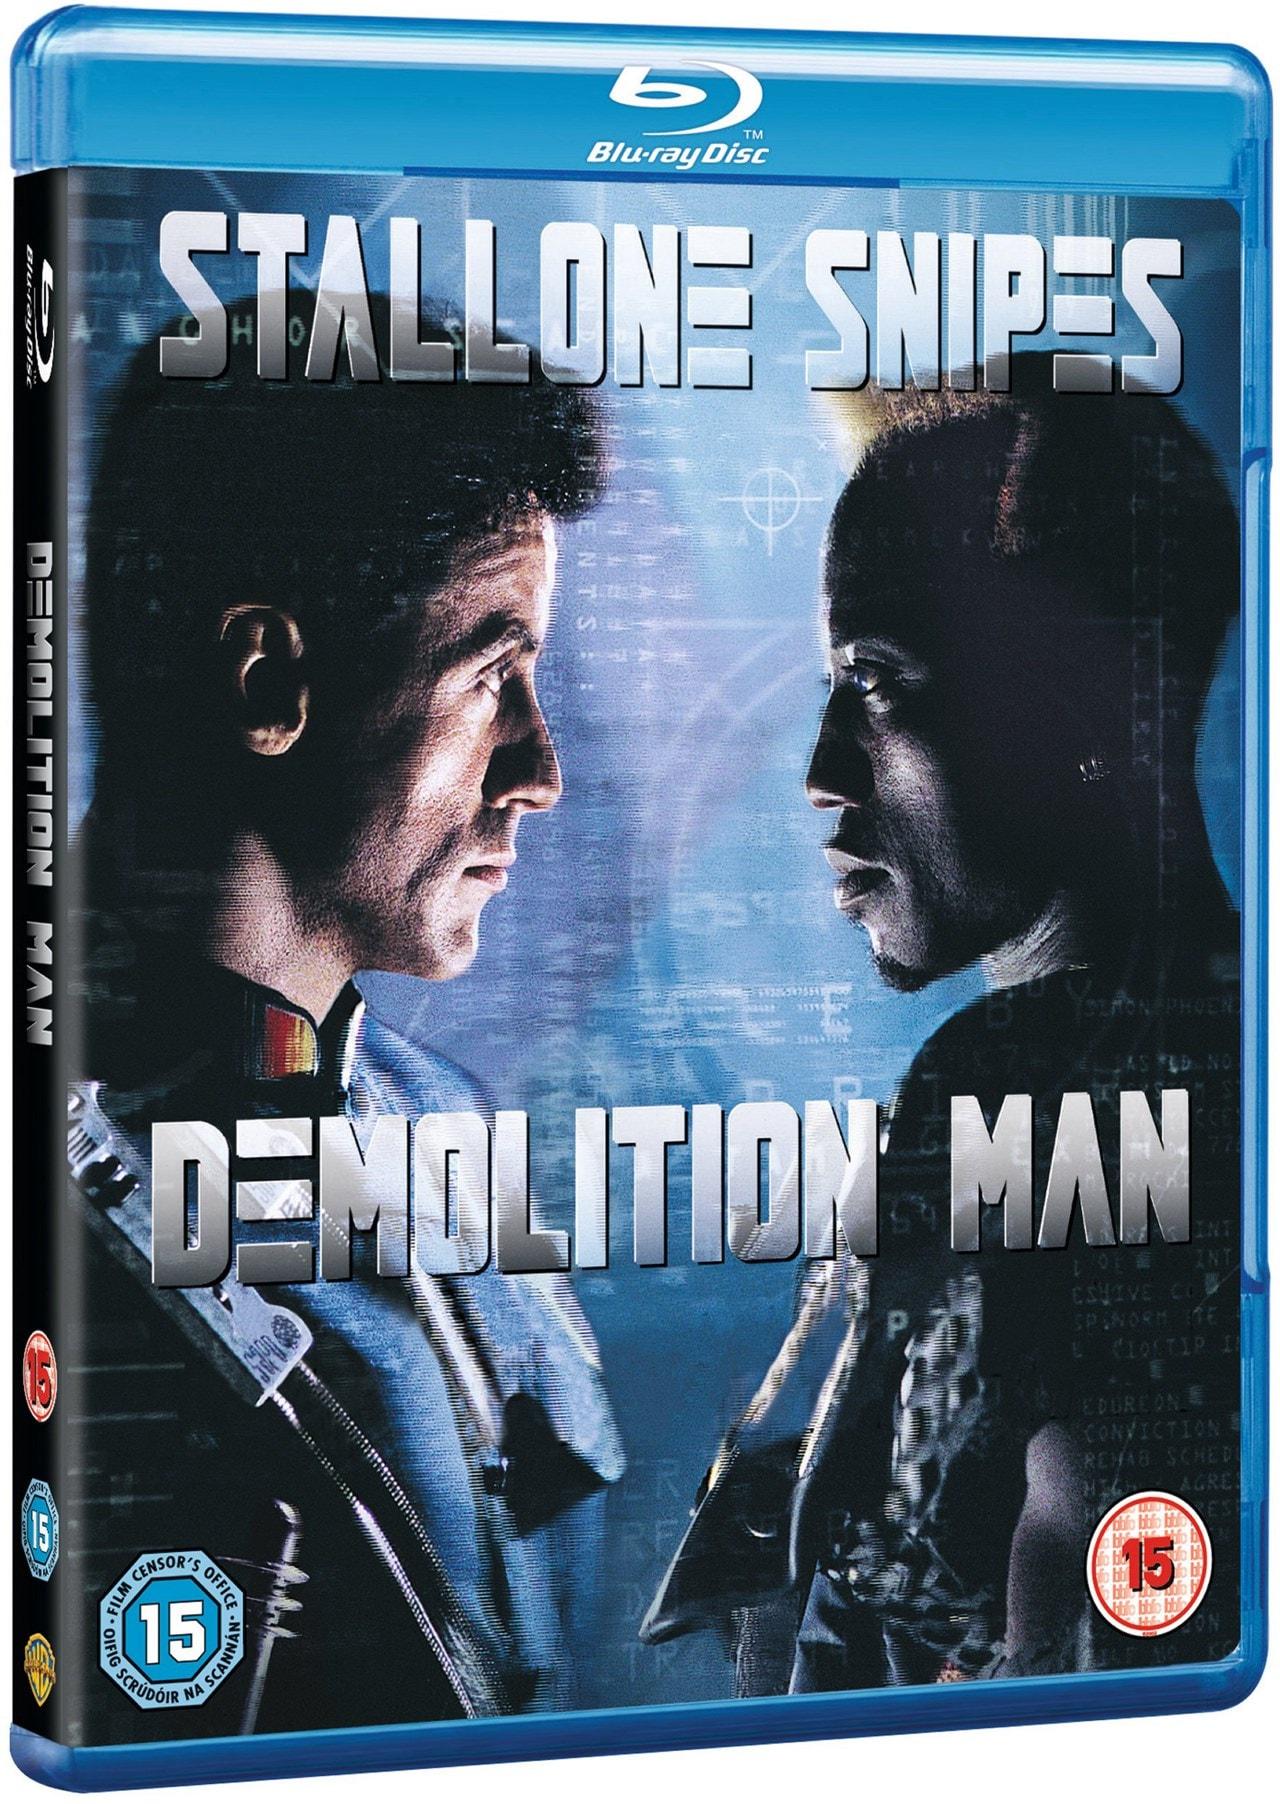 Demolition Man - 2